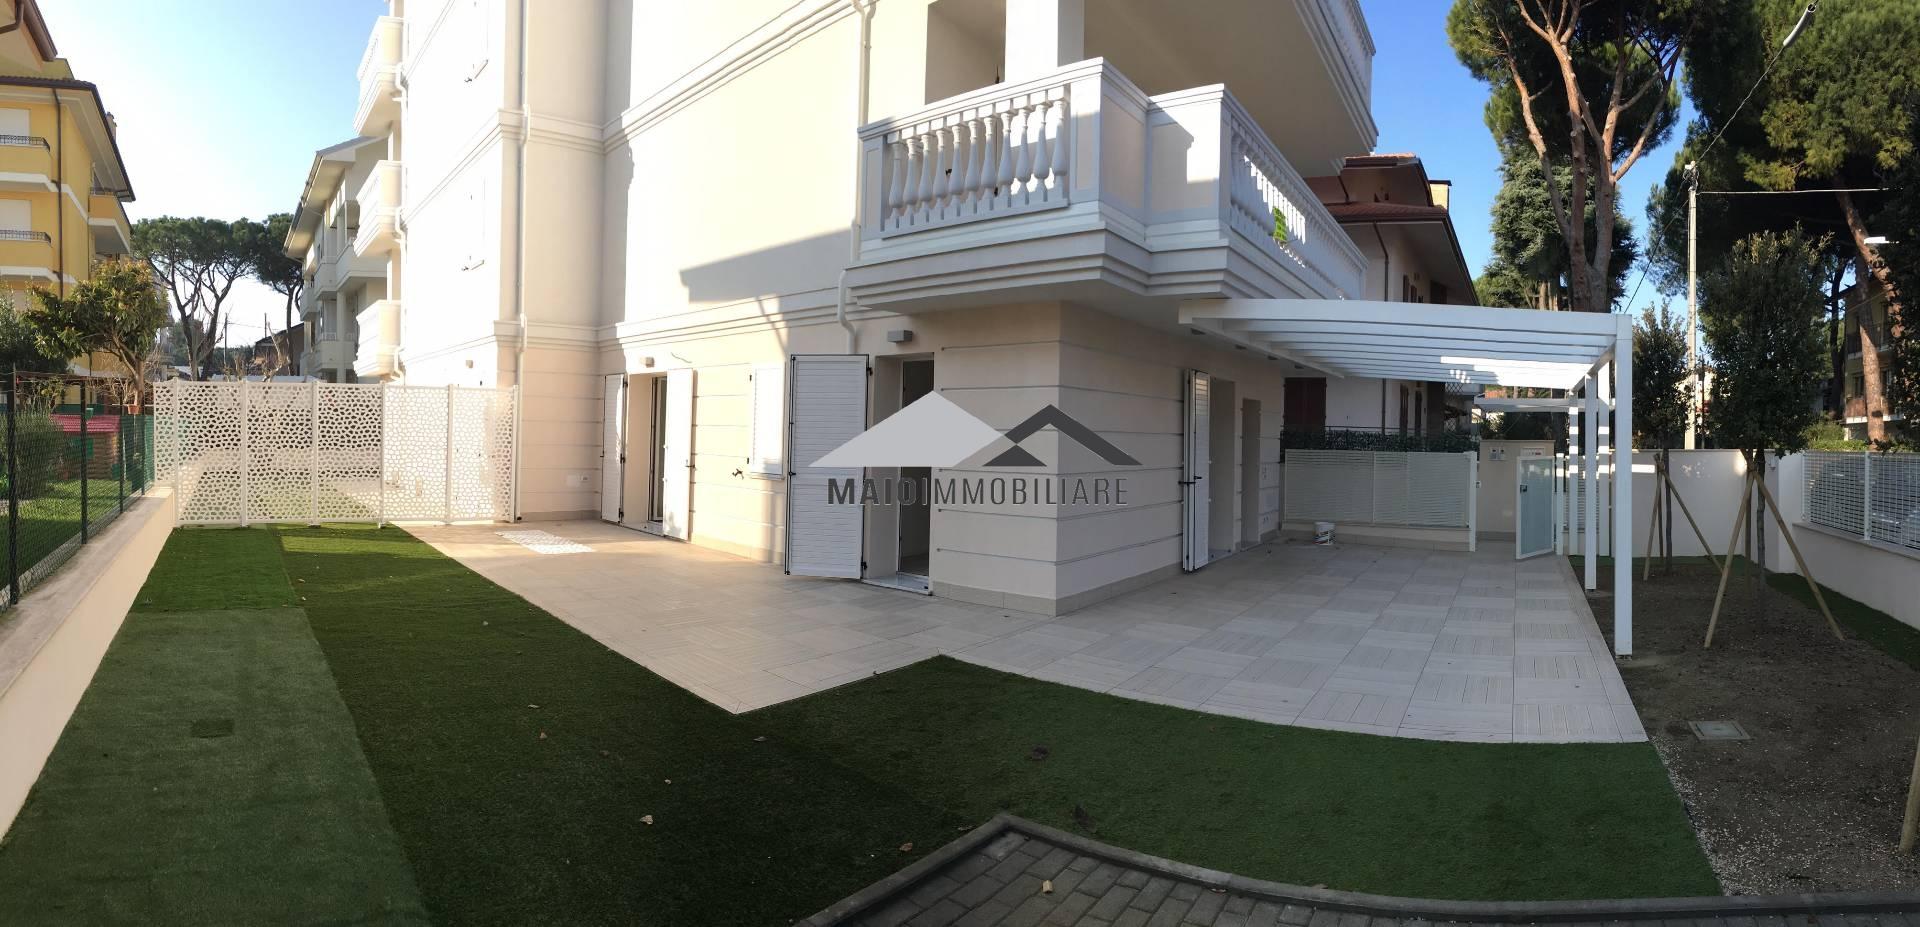 Appartamento in vendita a Riccione, 3 locali, zona Località: PAESE, prezzo € 350.000   CambioCasa.it